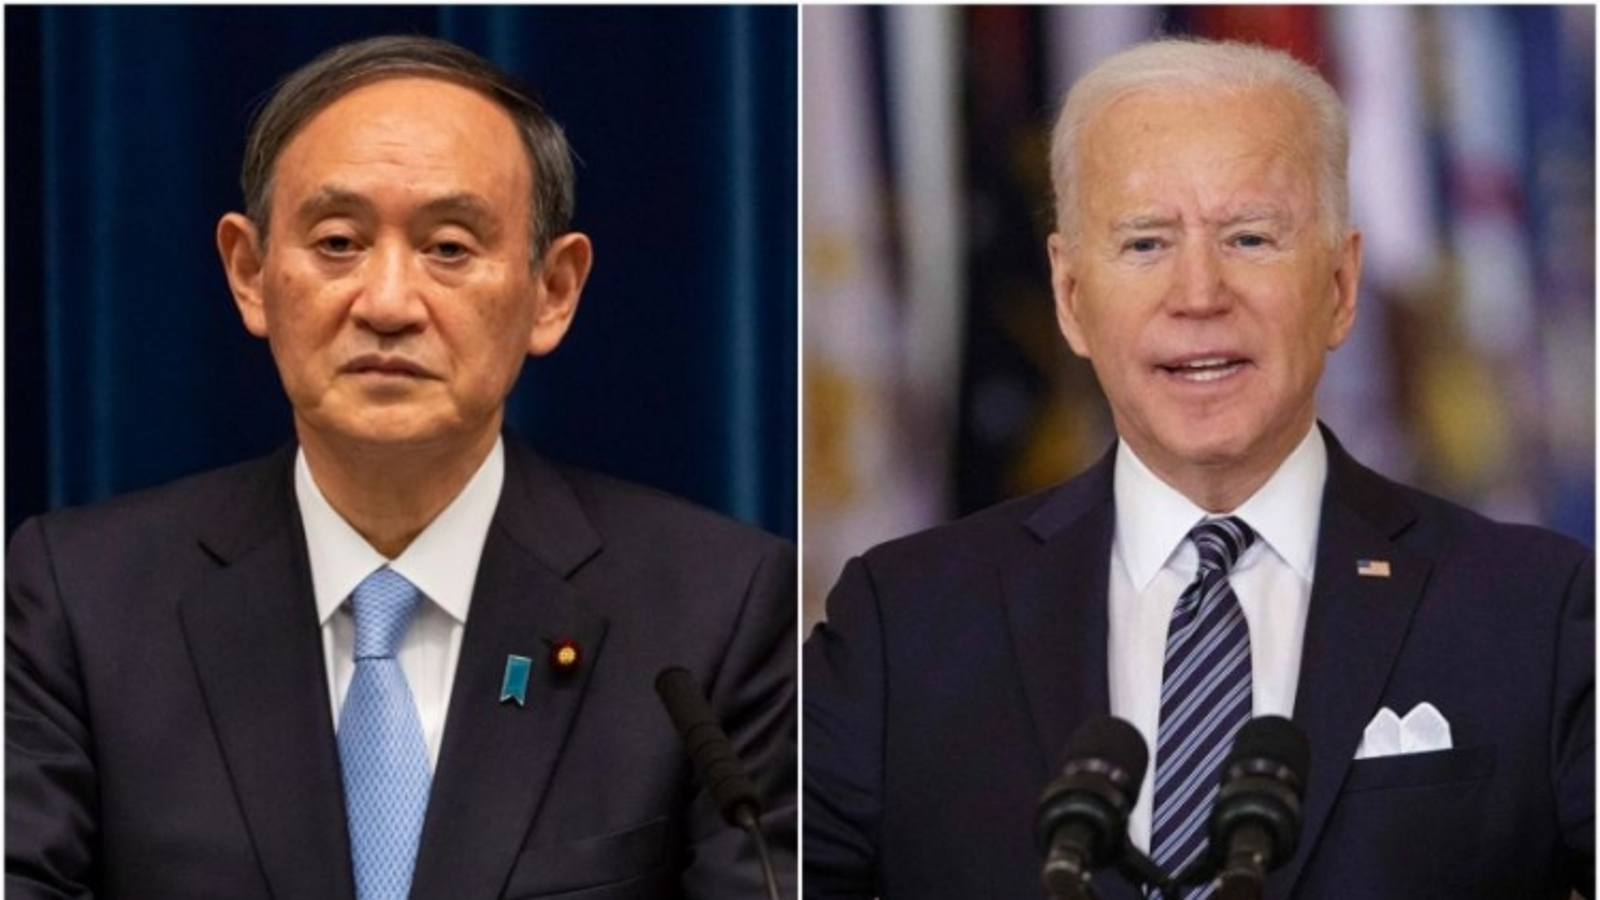 Thủ tướng Nhật Bản và Tổng thống Mỹ dự kiến gặp nhau vào ngày 9/4